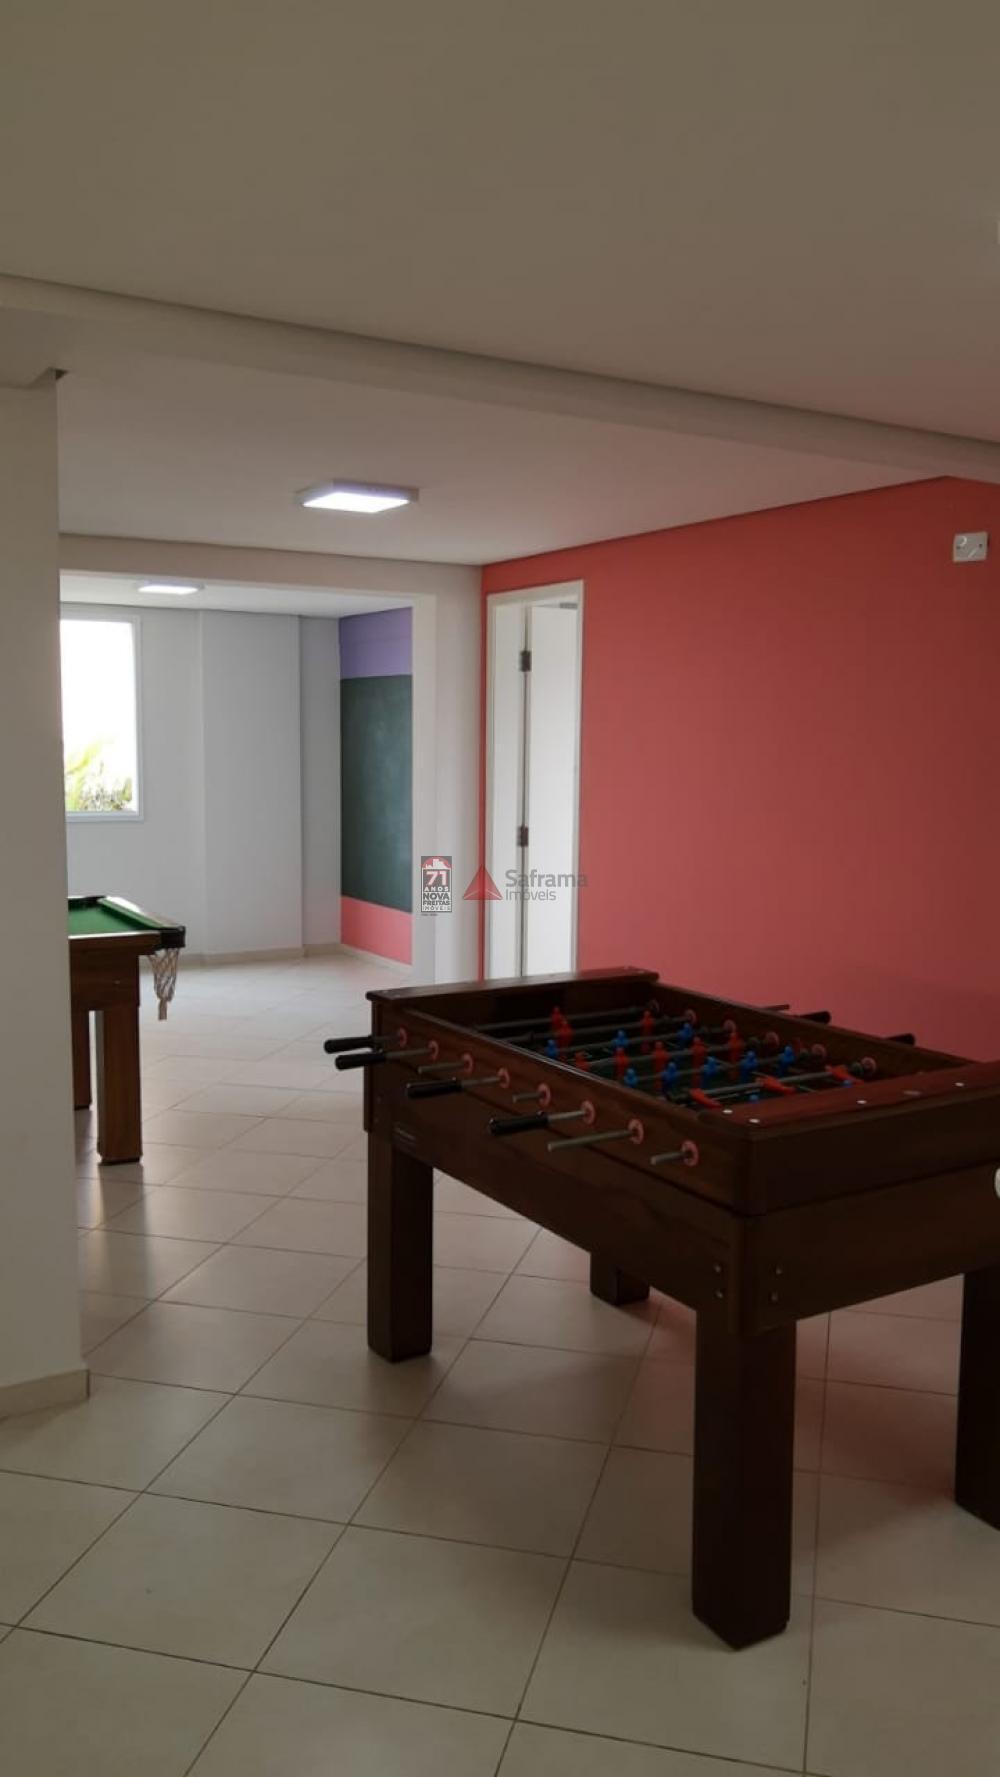 Comprar Apartamento / Padrão em Caraguatatuba apenas R$ 950.000,00 - Foto 37